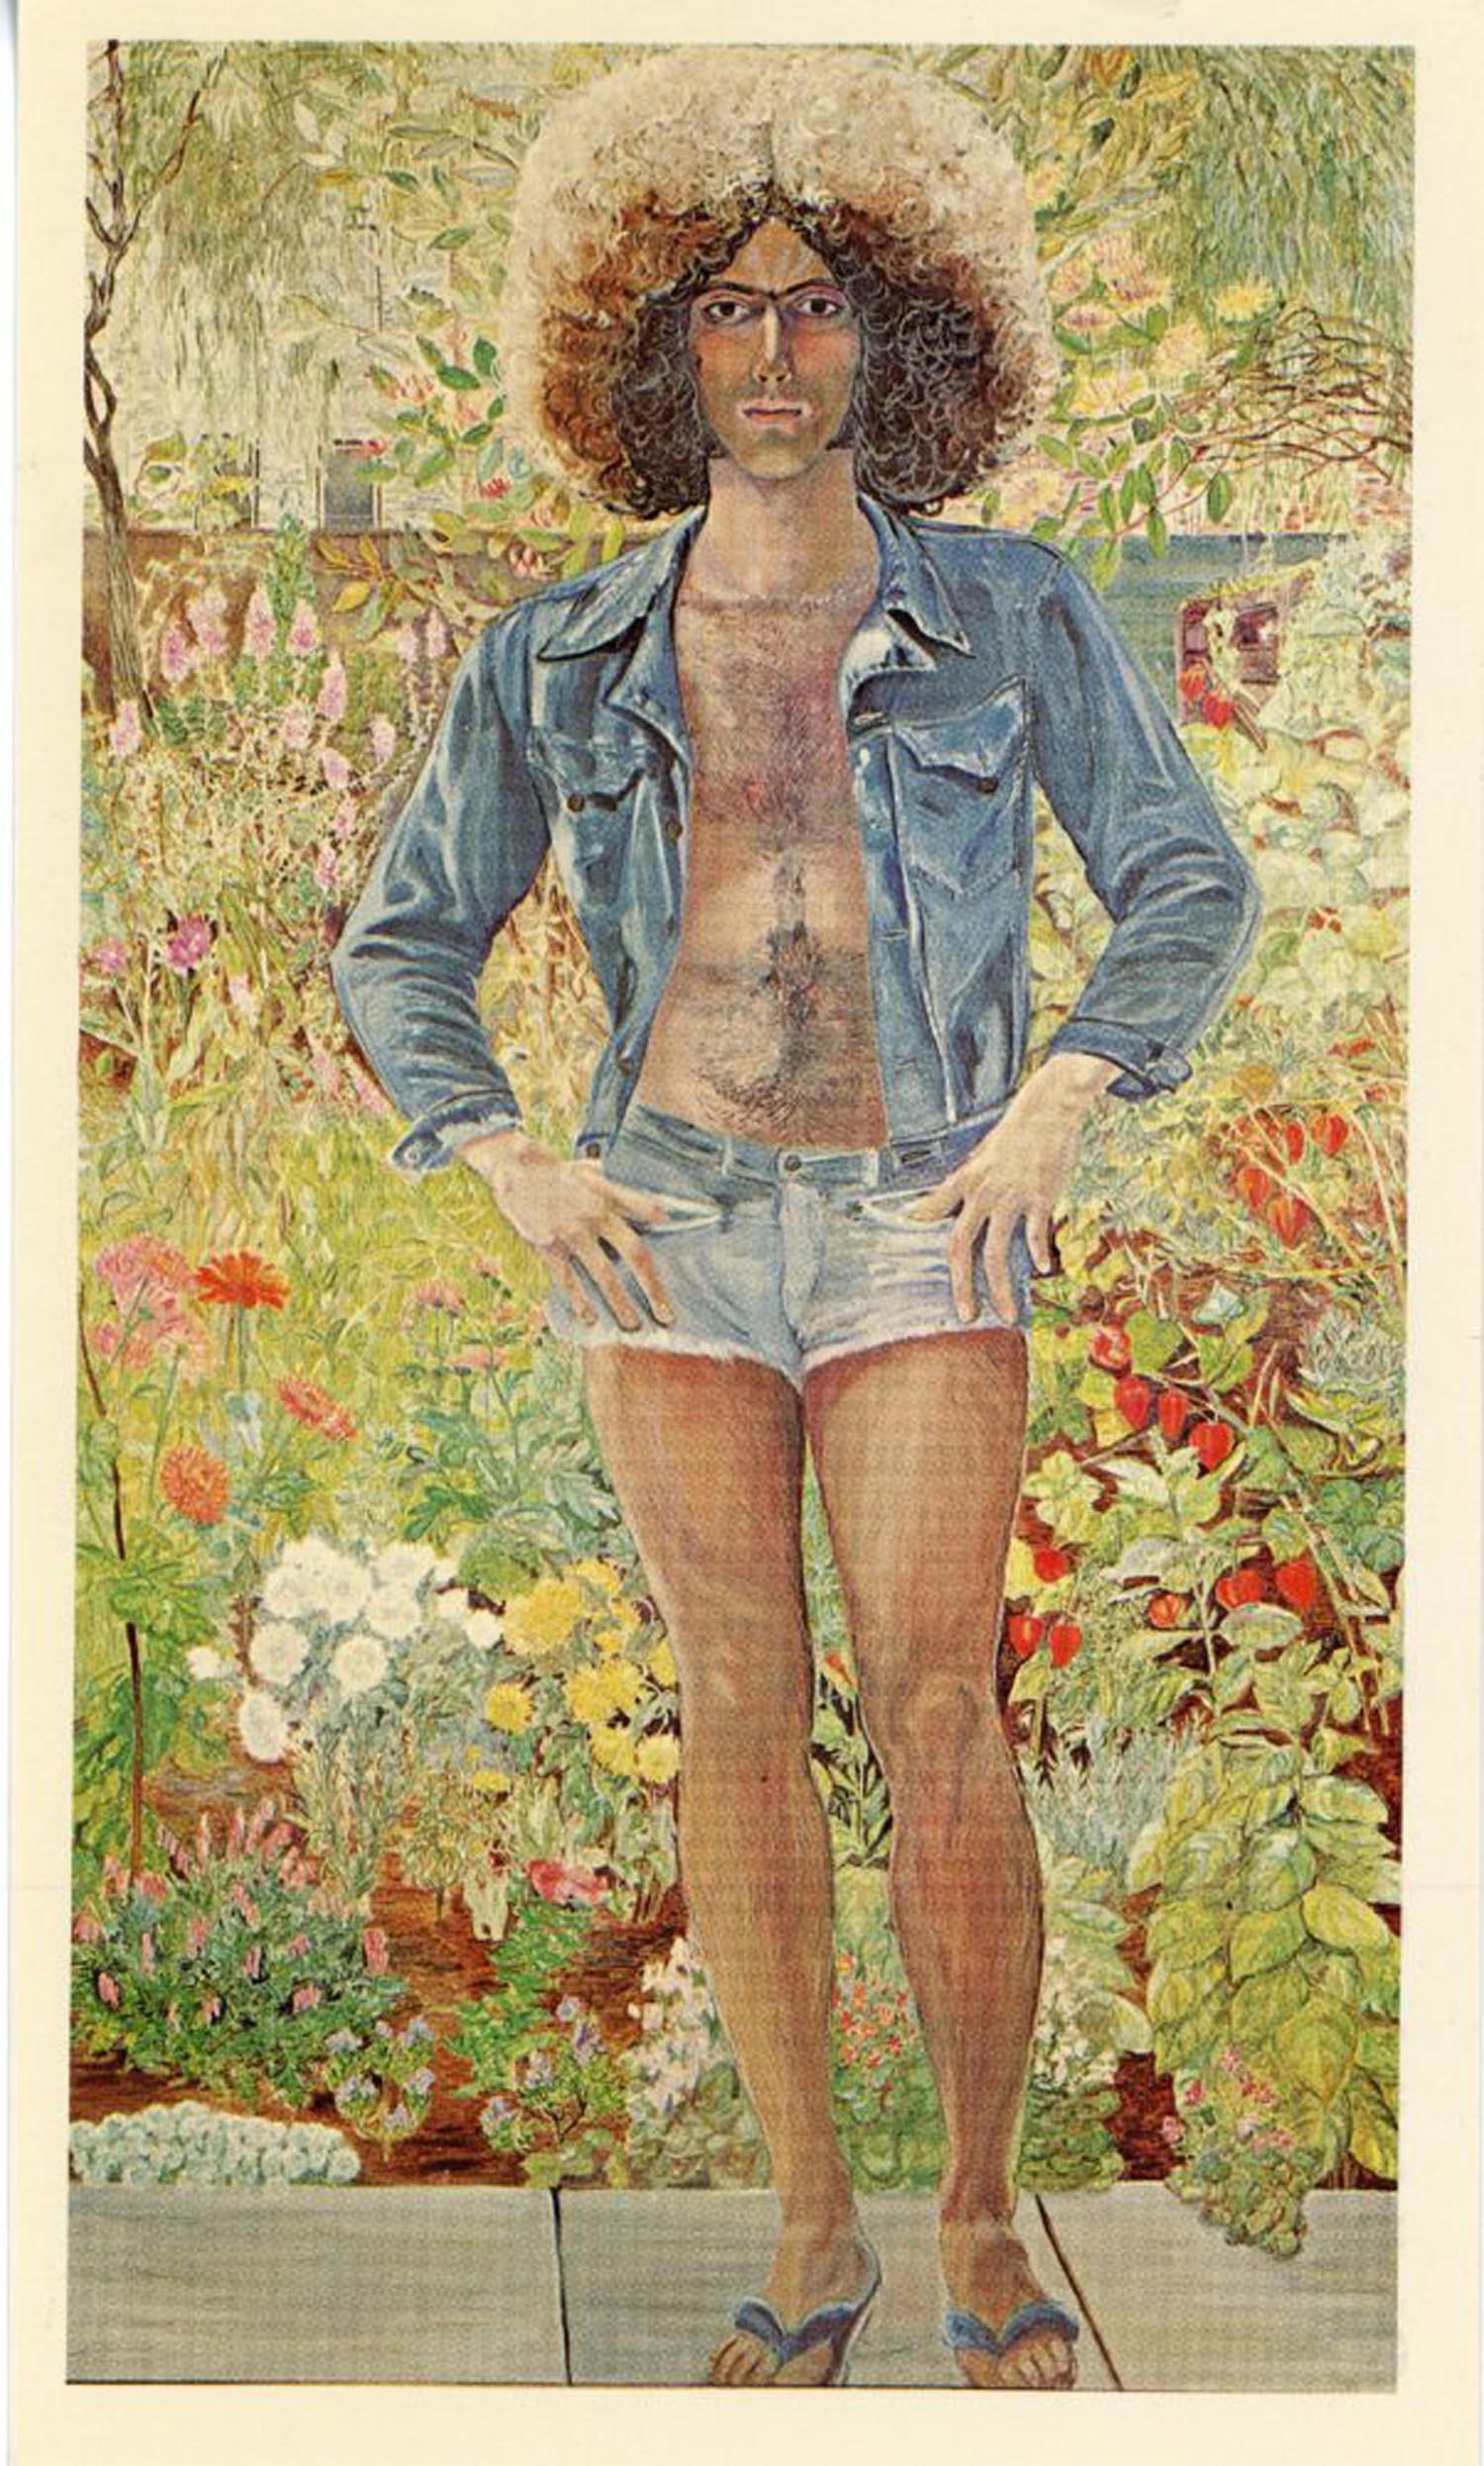 A.I.R. Gallery, Sylvia Sleigh, Card, 1976